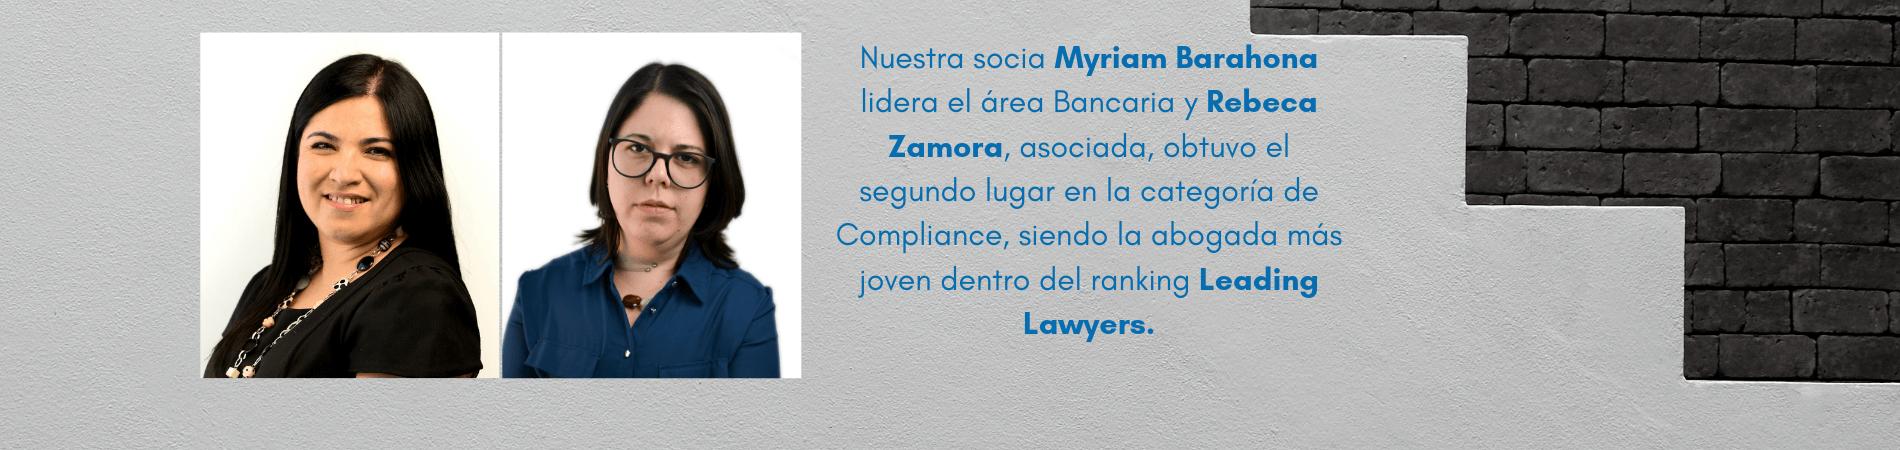 Myriam Barahona y Rebeca Zamora reconocidas como abogadas líderes en la sexta edición de Leading Lawyers de Idealis Legal Recruitment